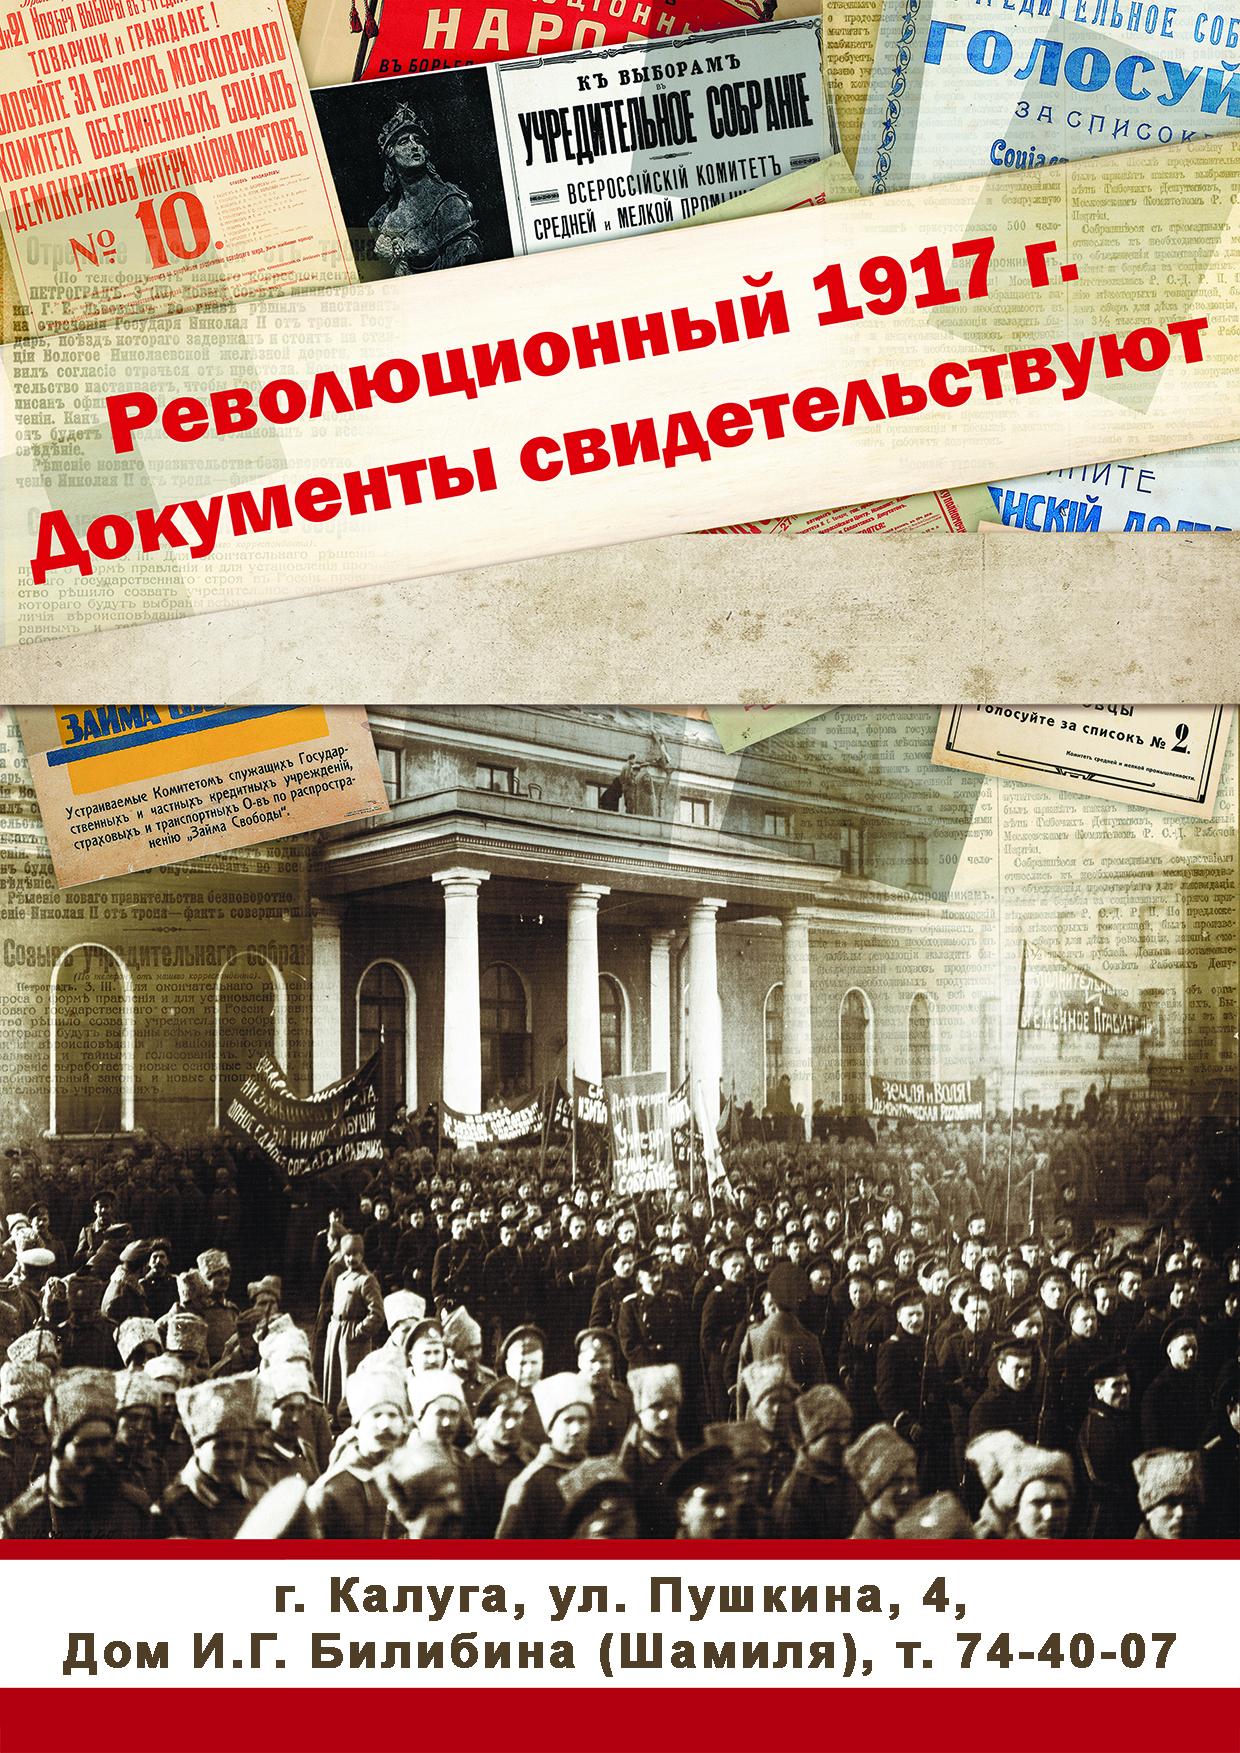 В Доме Шамиля откроется выставка, посвященная 100-тию революции